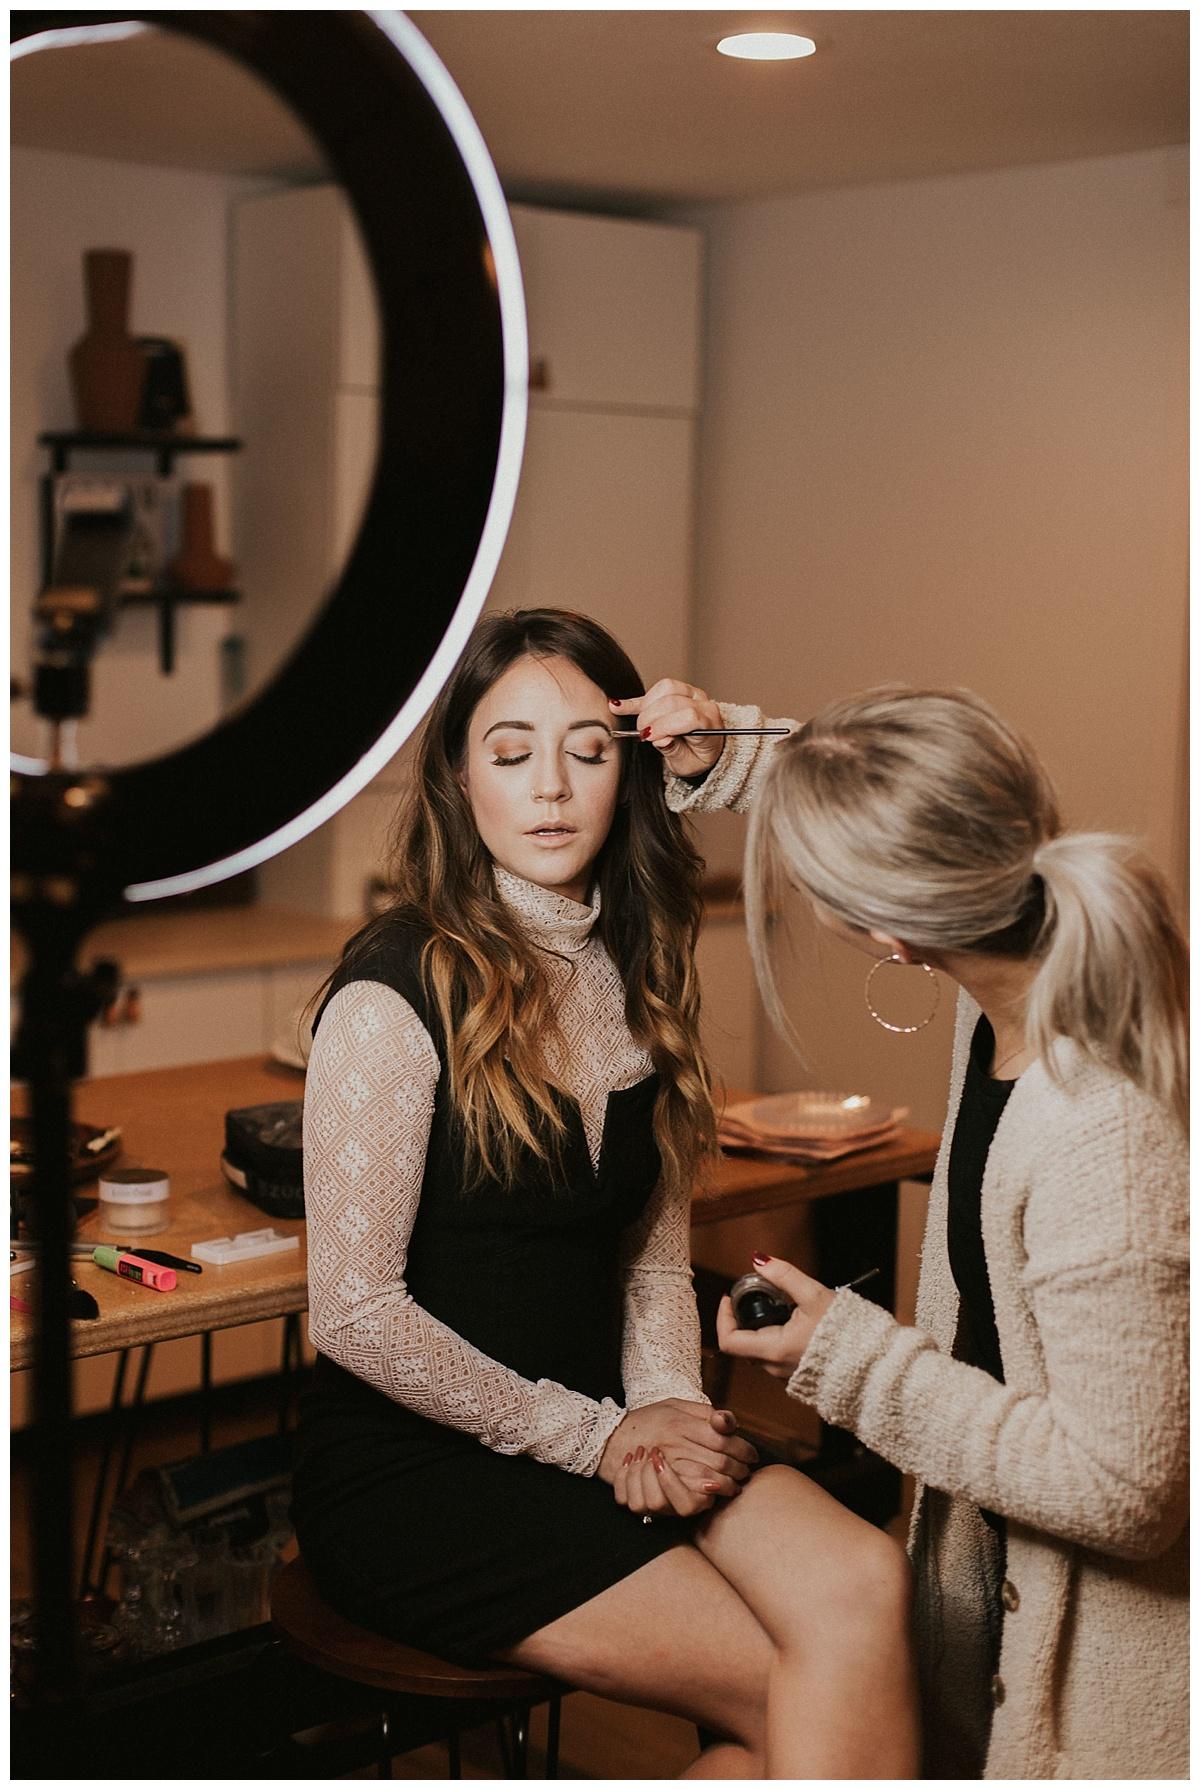 Makeup-by-Whit-Workshop-Sarah-Anne-Photo-BPHQ_0021.jpg